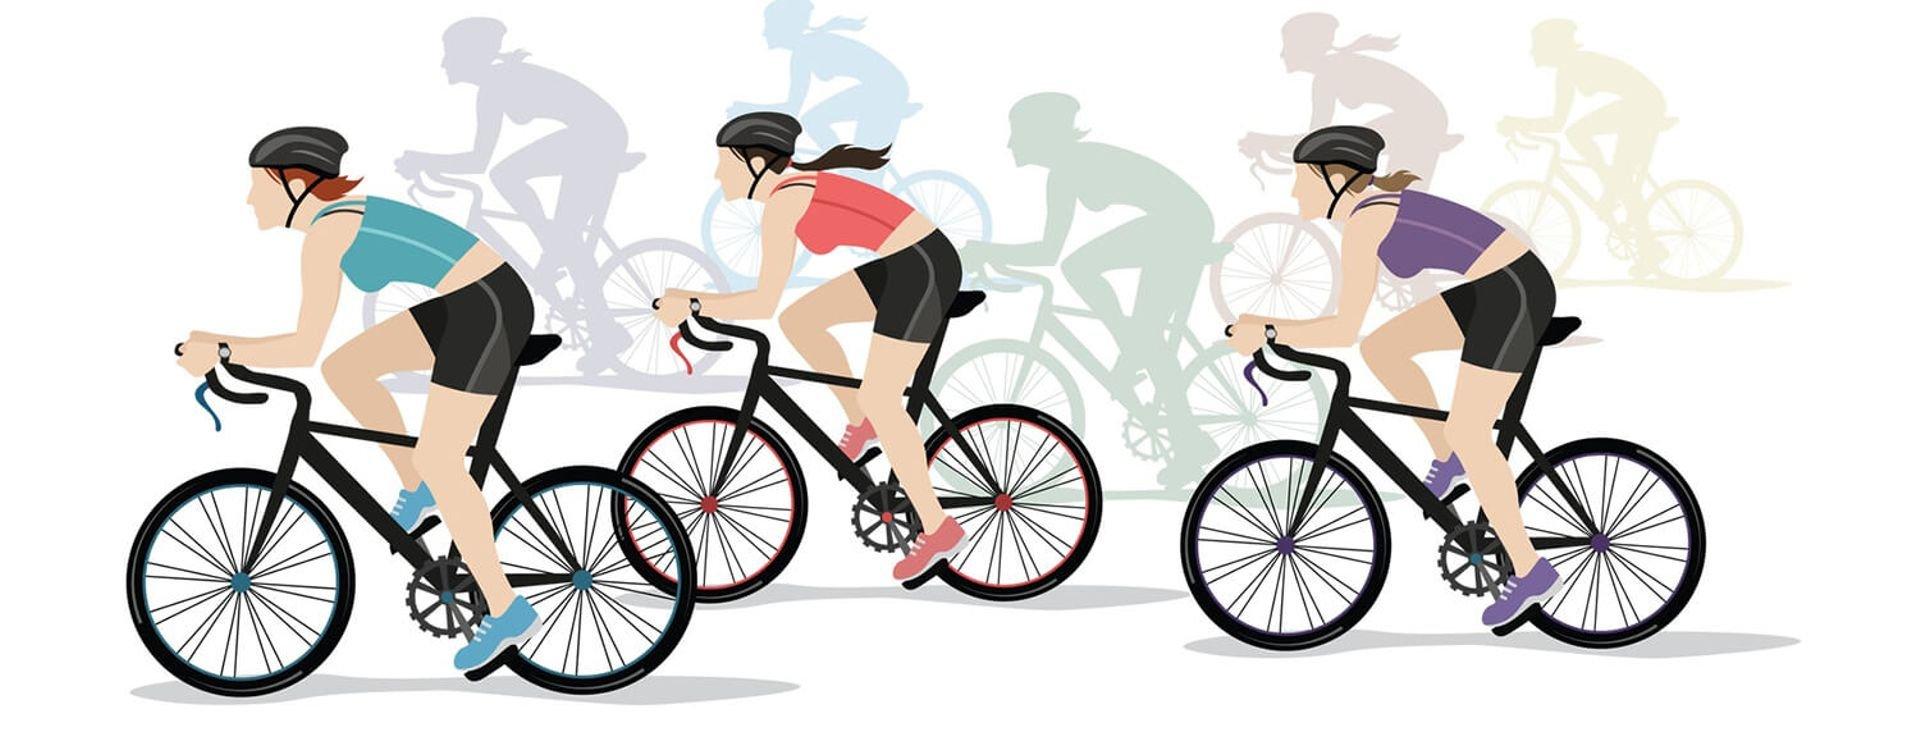 اختر نوع دراجة هوائية يناسبك